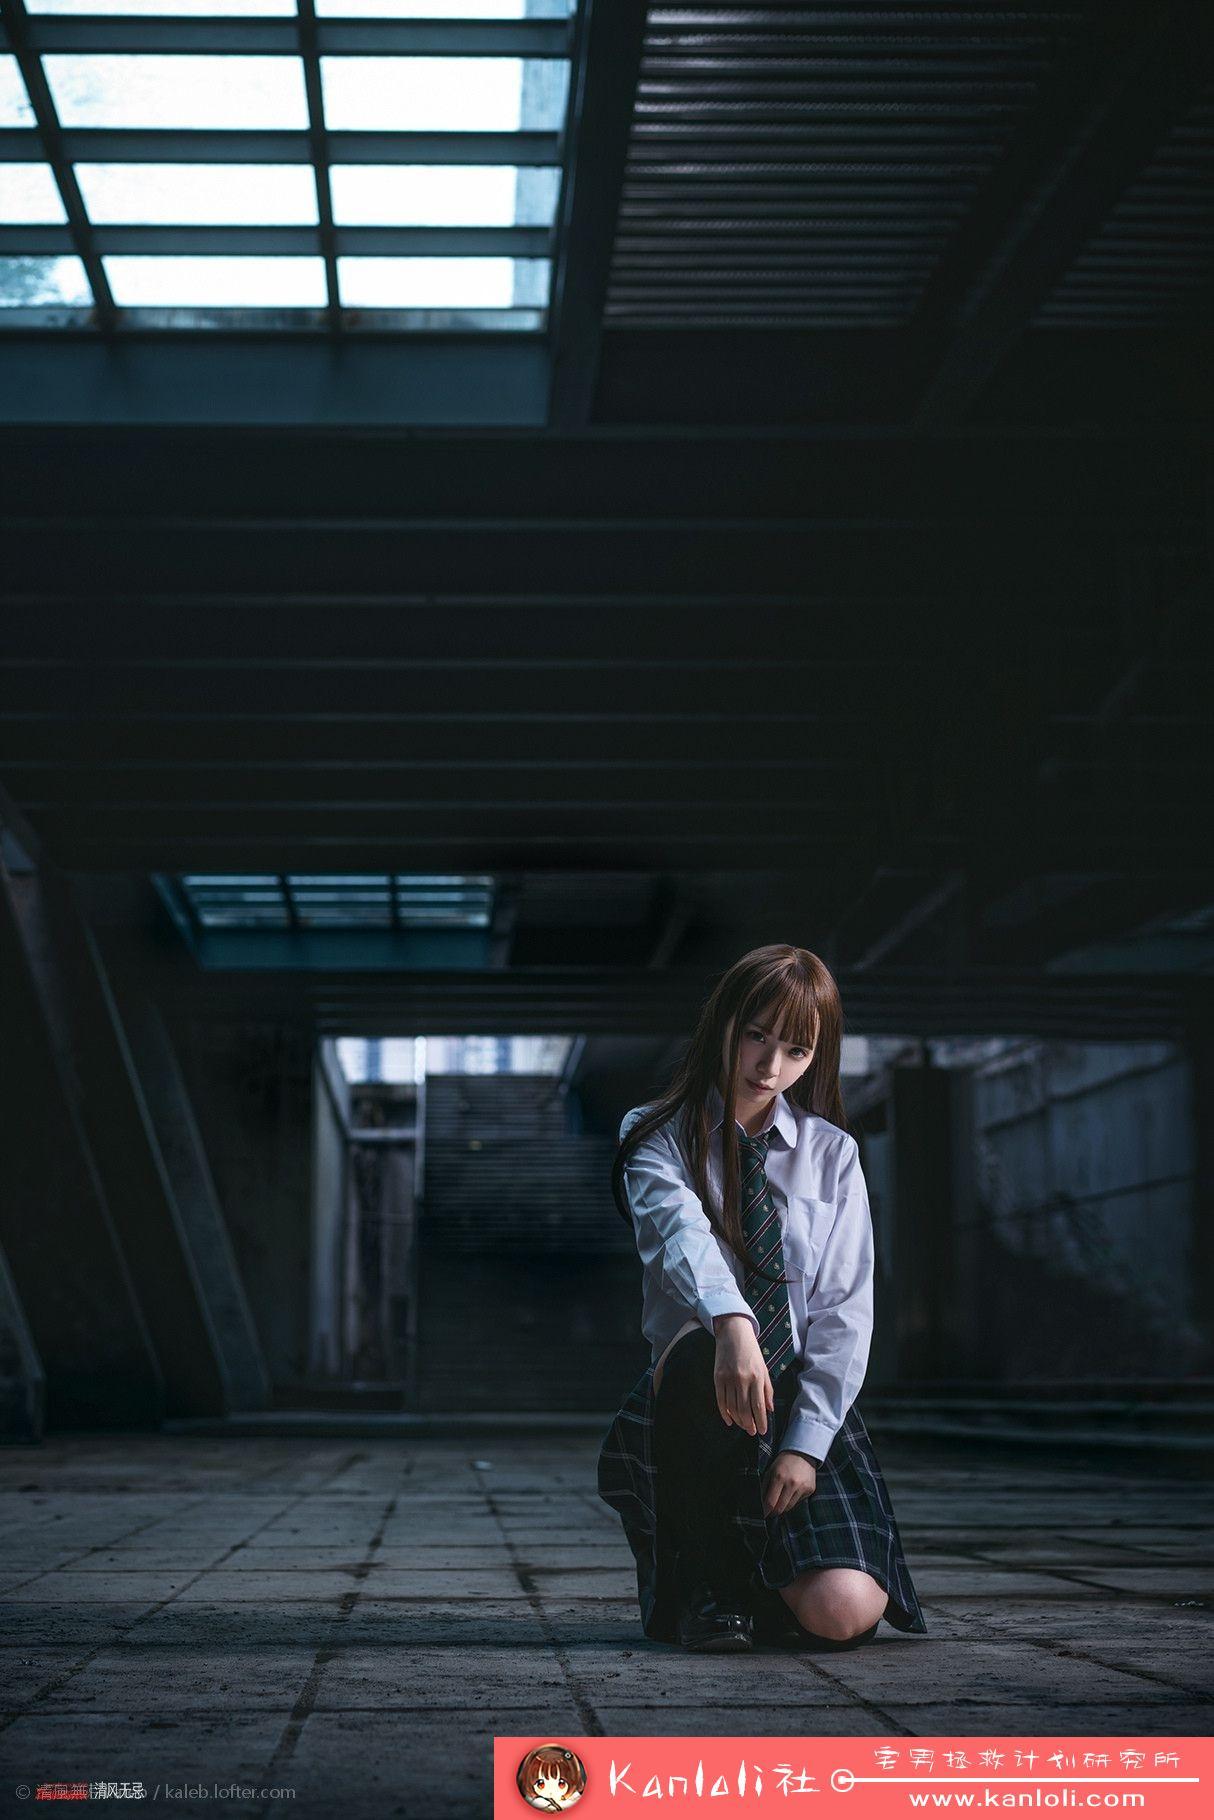 【疯猫ss】疯猫ss写真-FM-023 地下通道的碧眼萝莉 [6P]